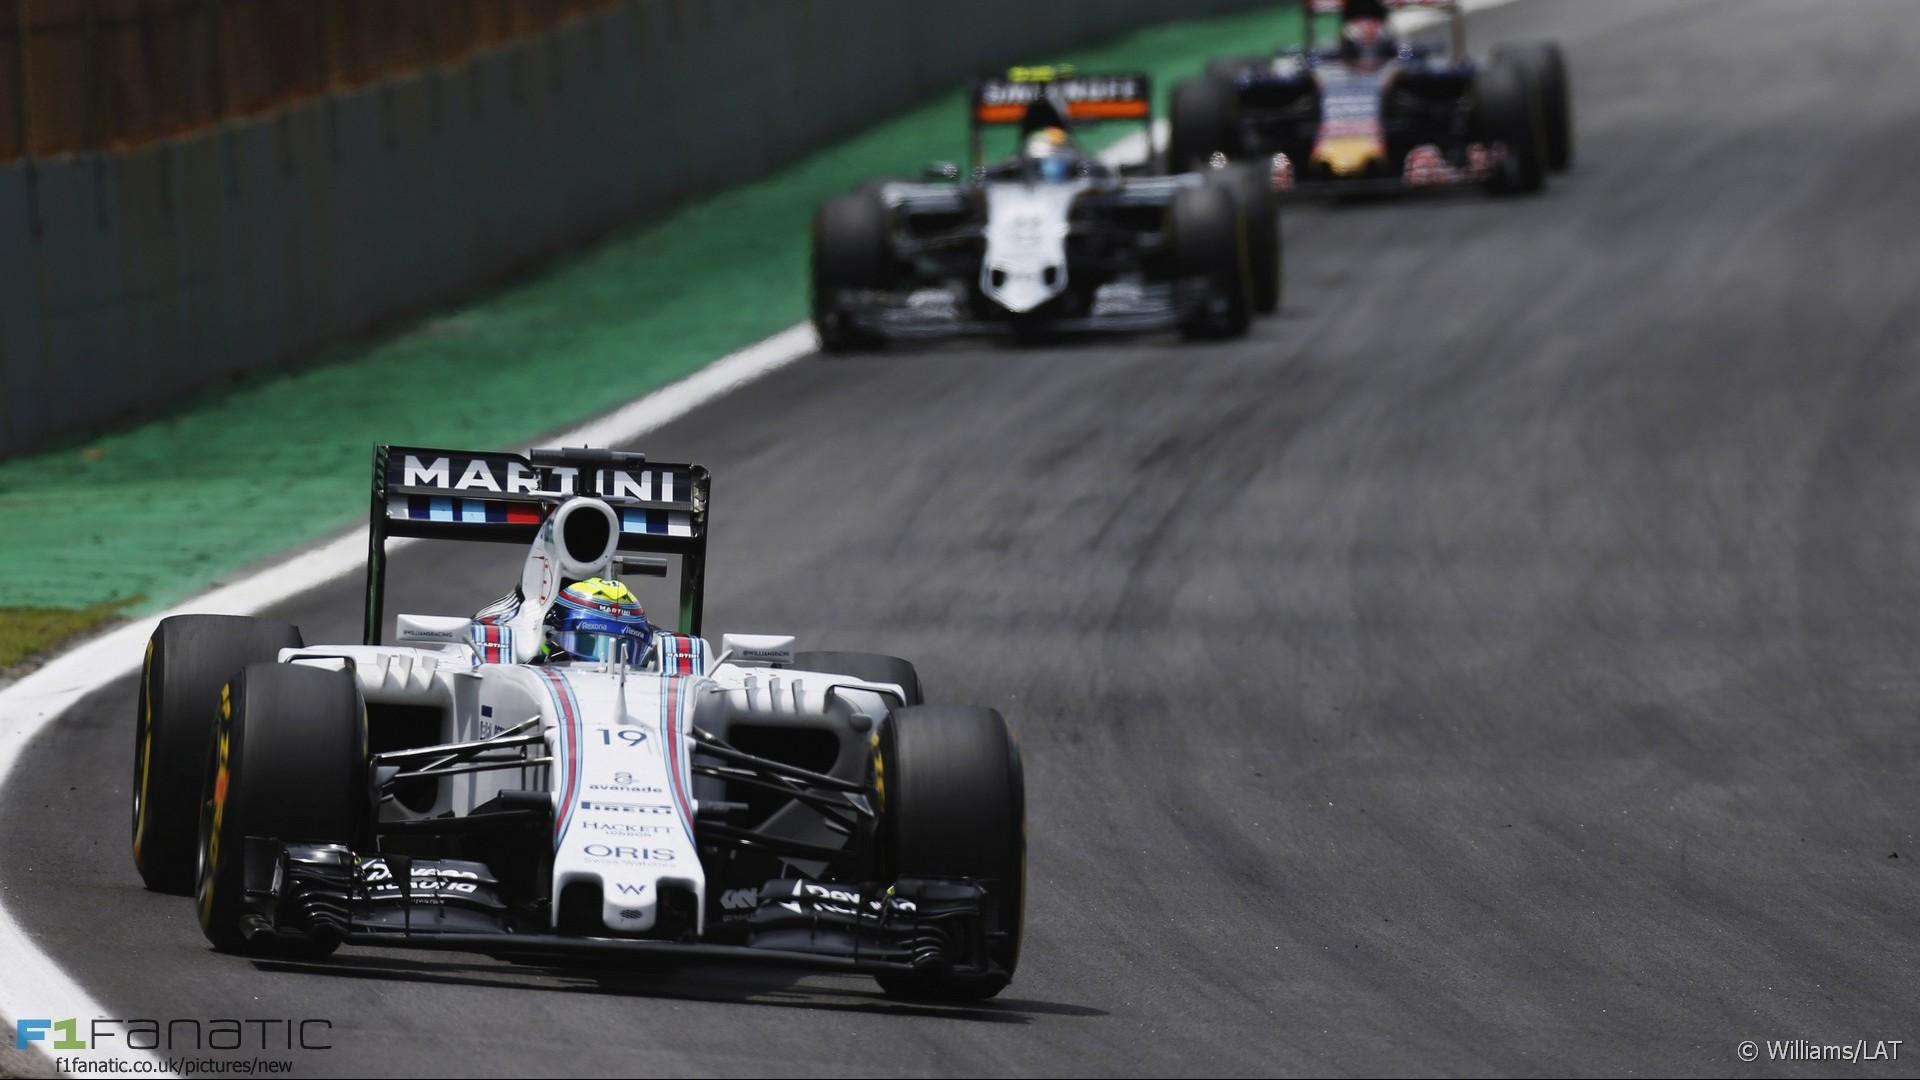 Felipe Massa, Williams, Interlagos, 2015